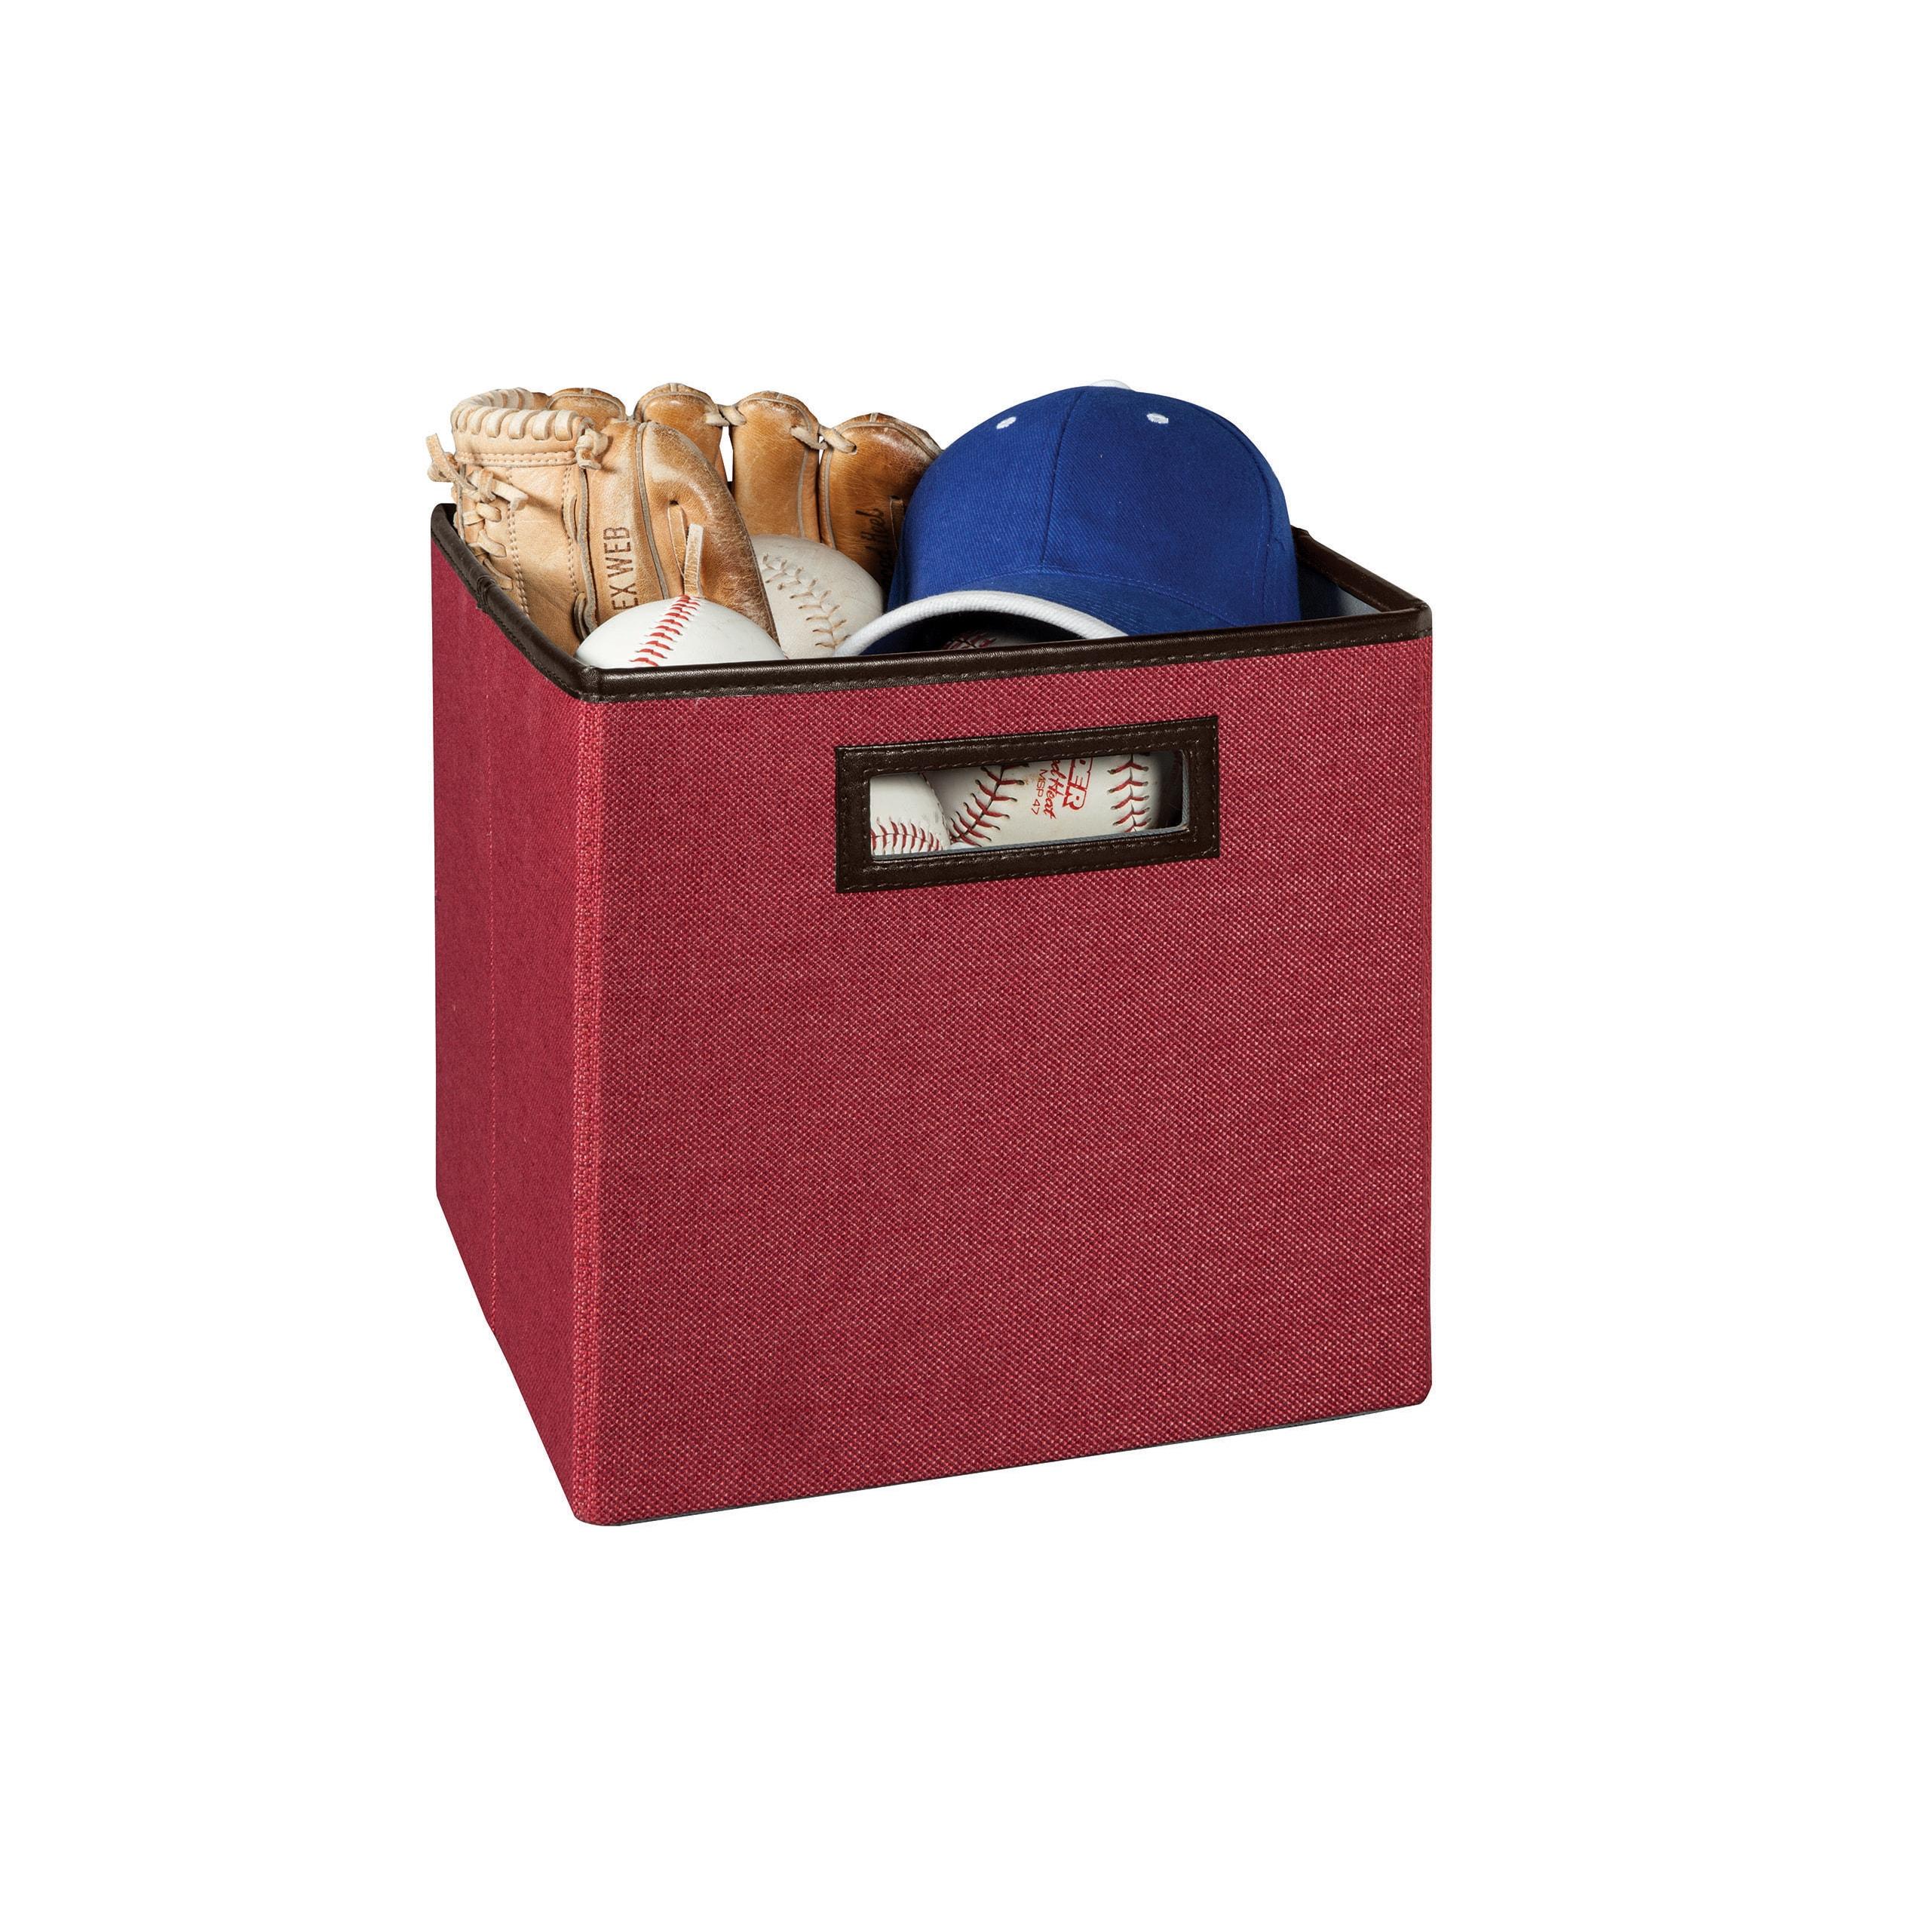 Closetmaid Premium Cubeicals Fabric Storage Bin (Rose Red...